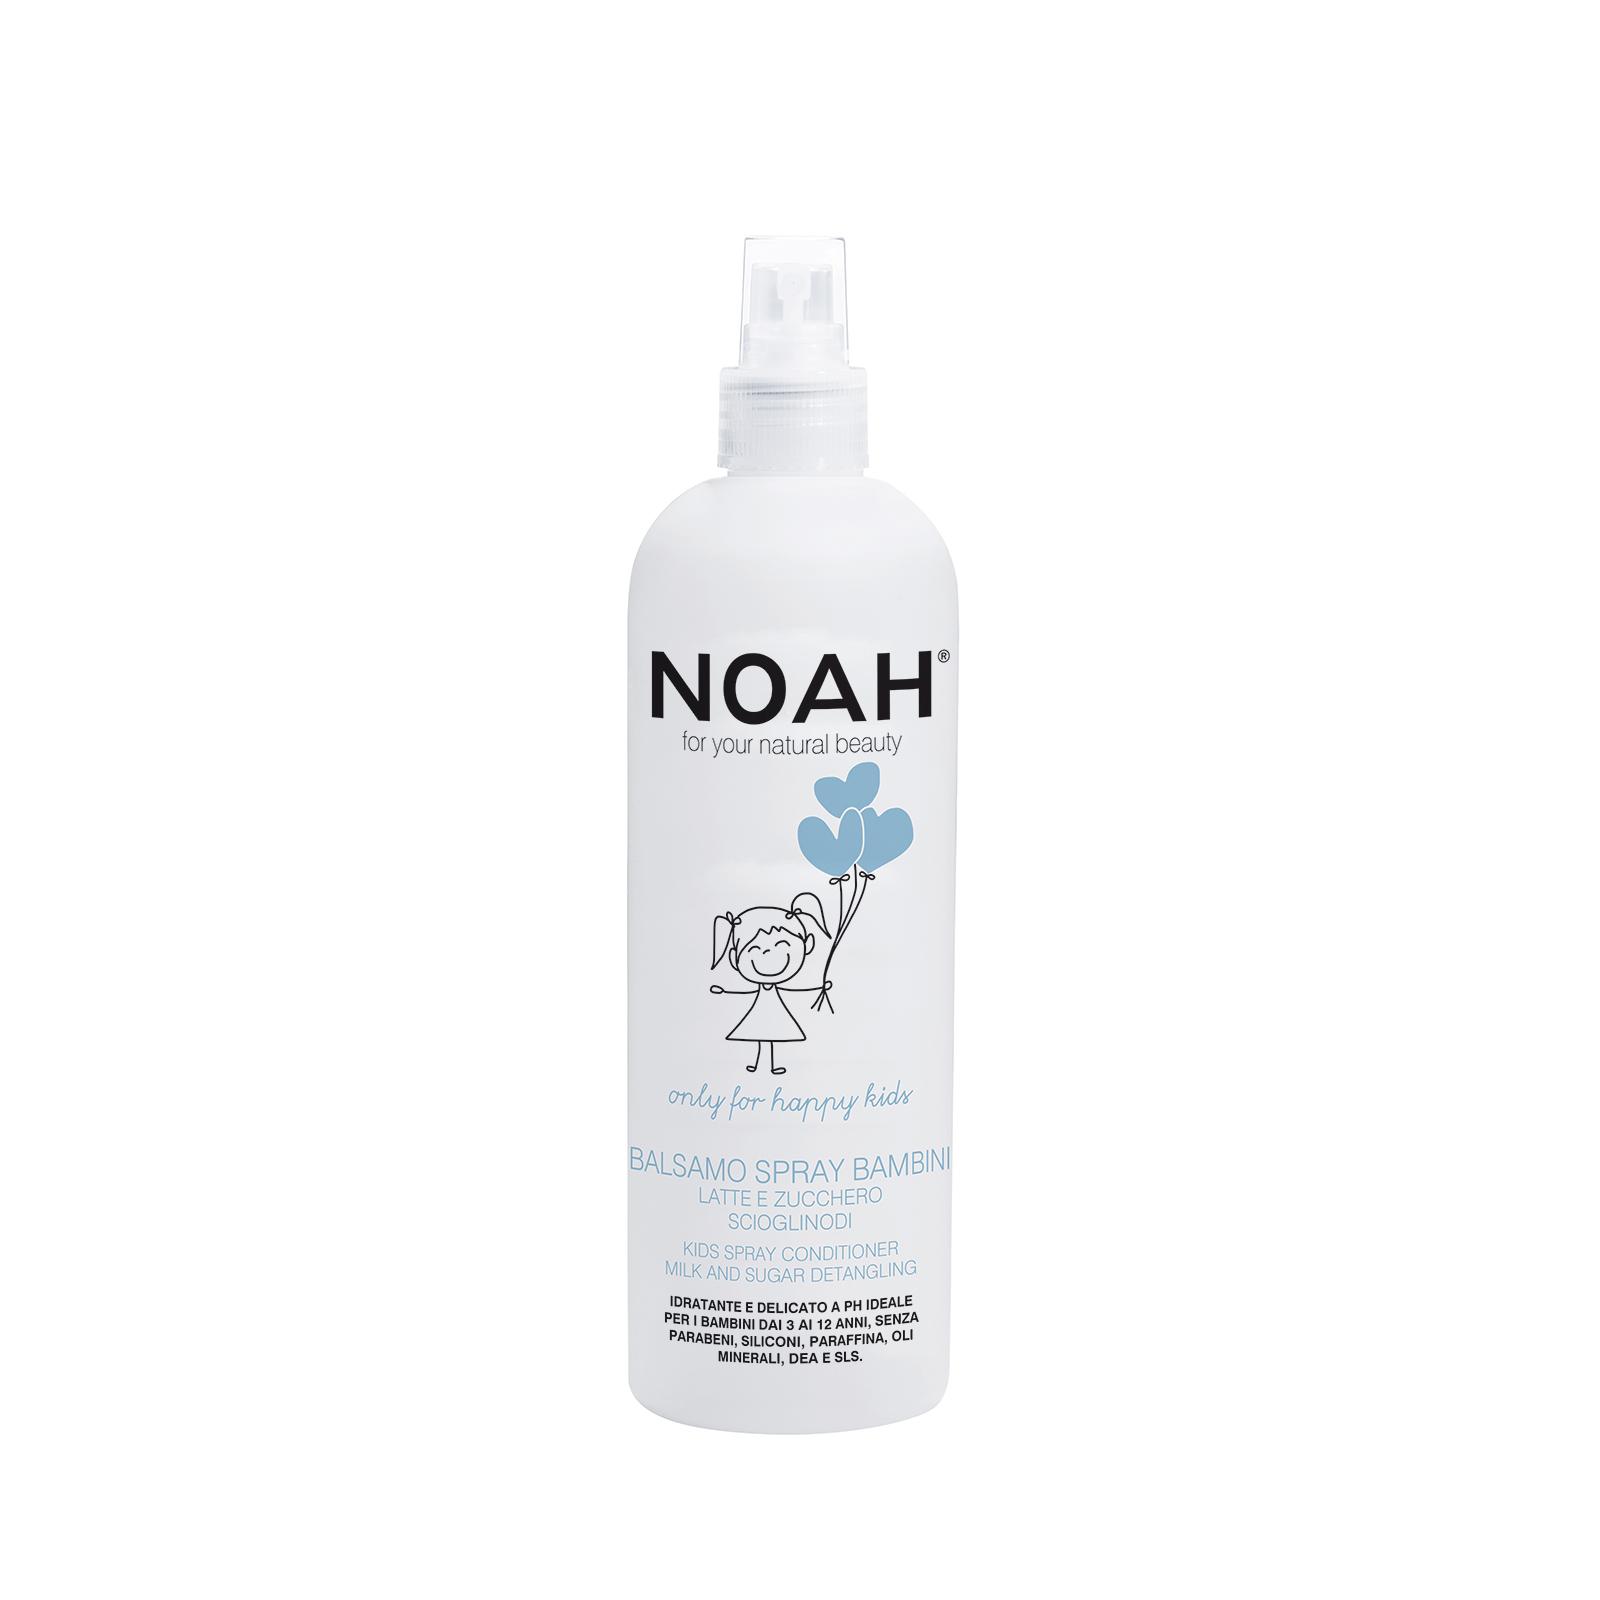 Vaikiškas balzamas plaukams NOAH su pienu ir cukrumi, 250 ml